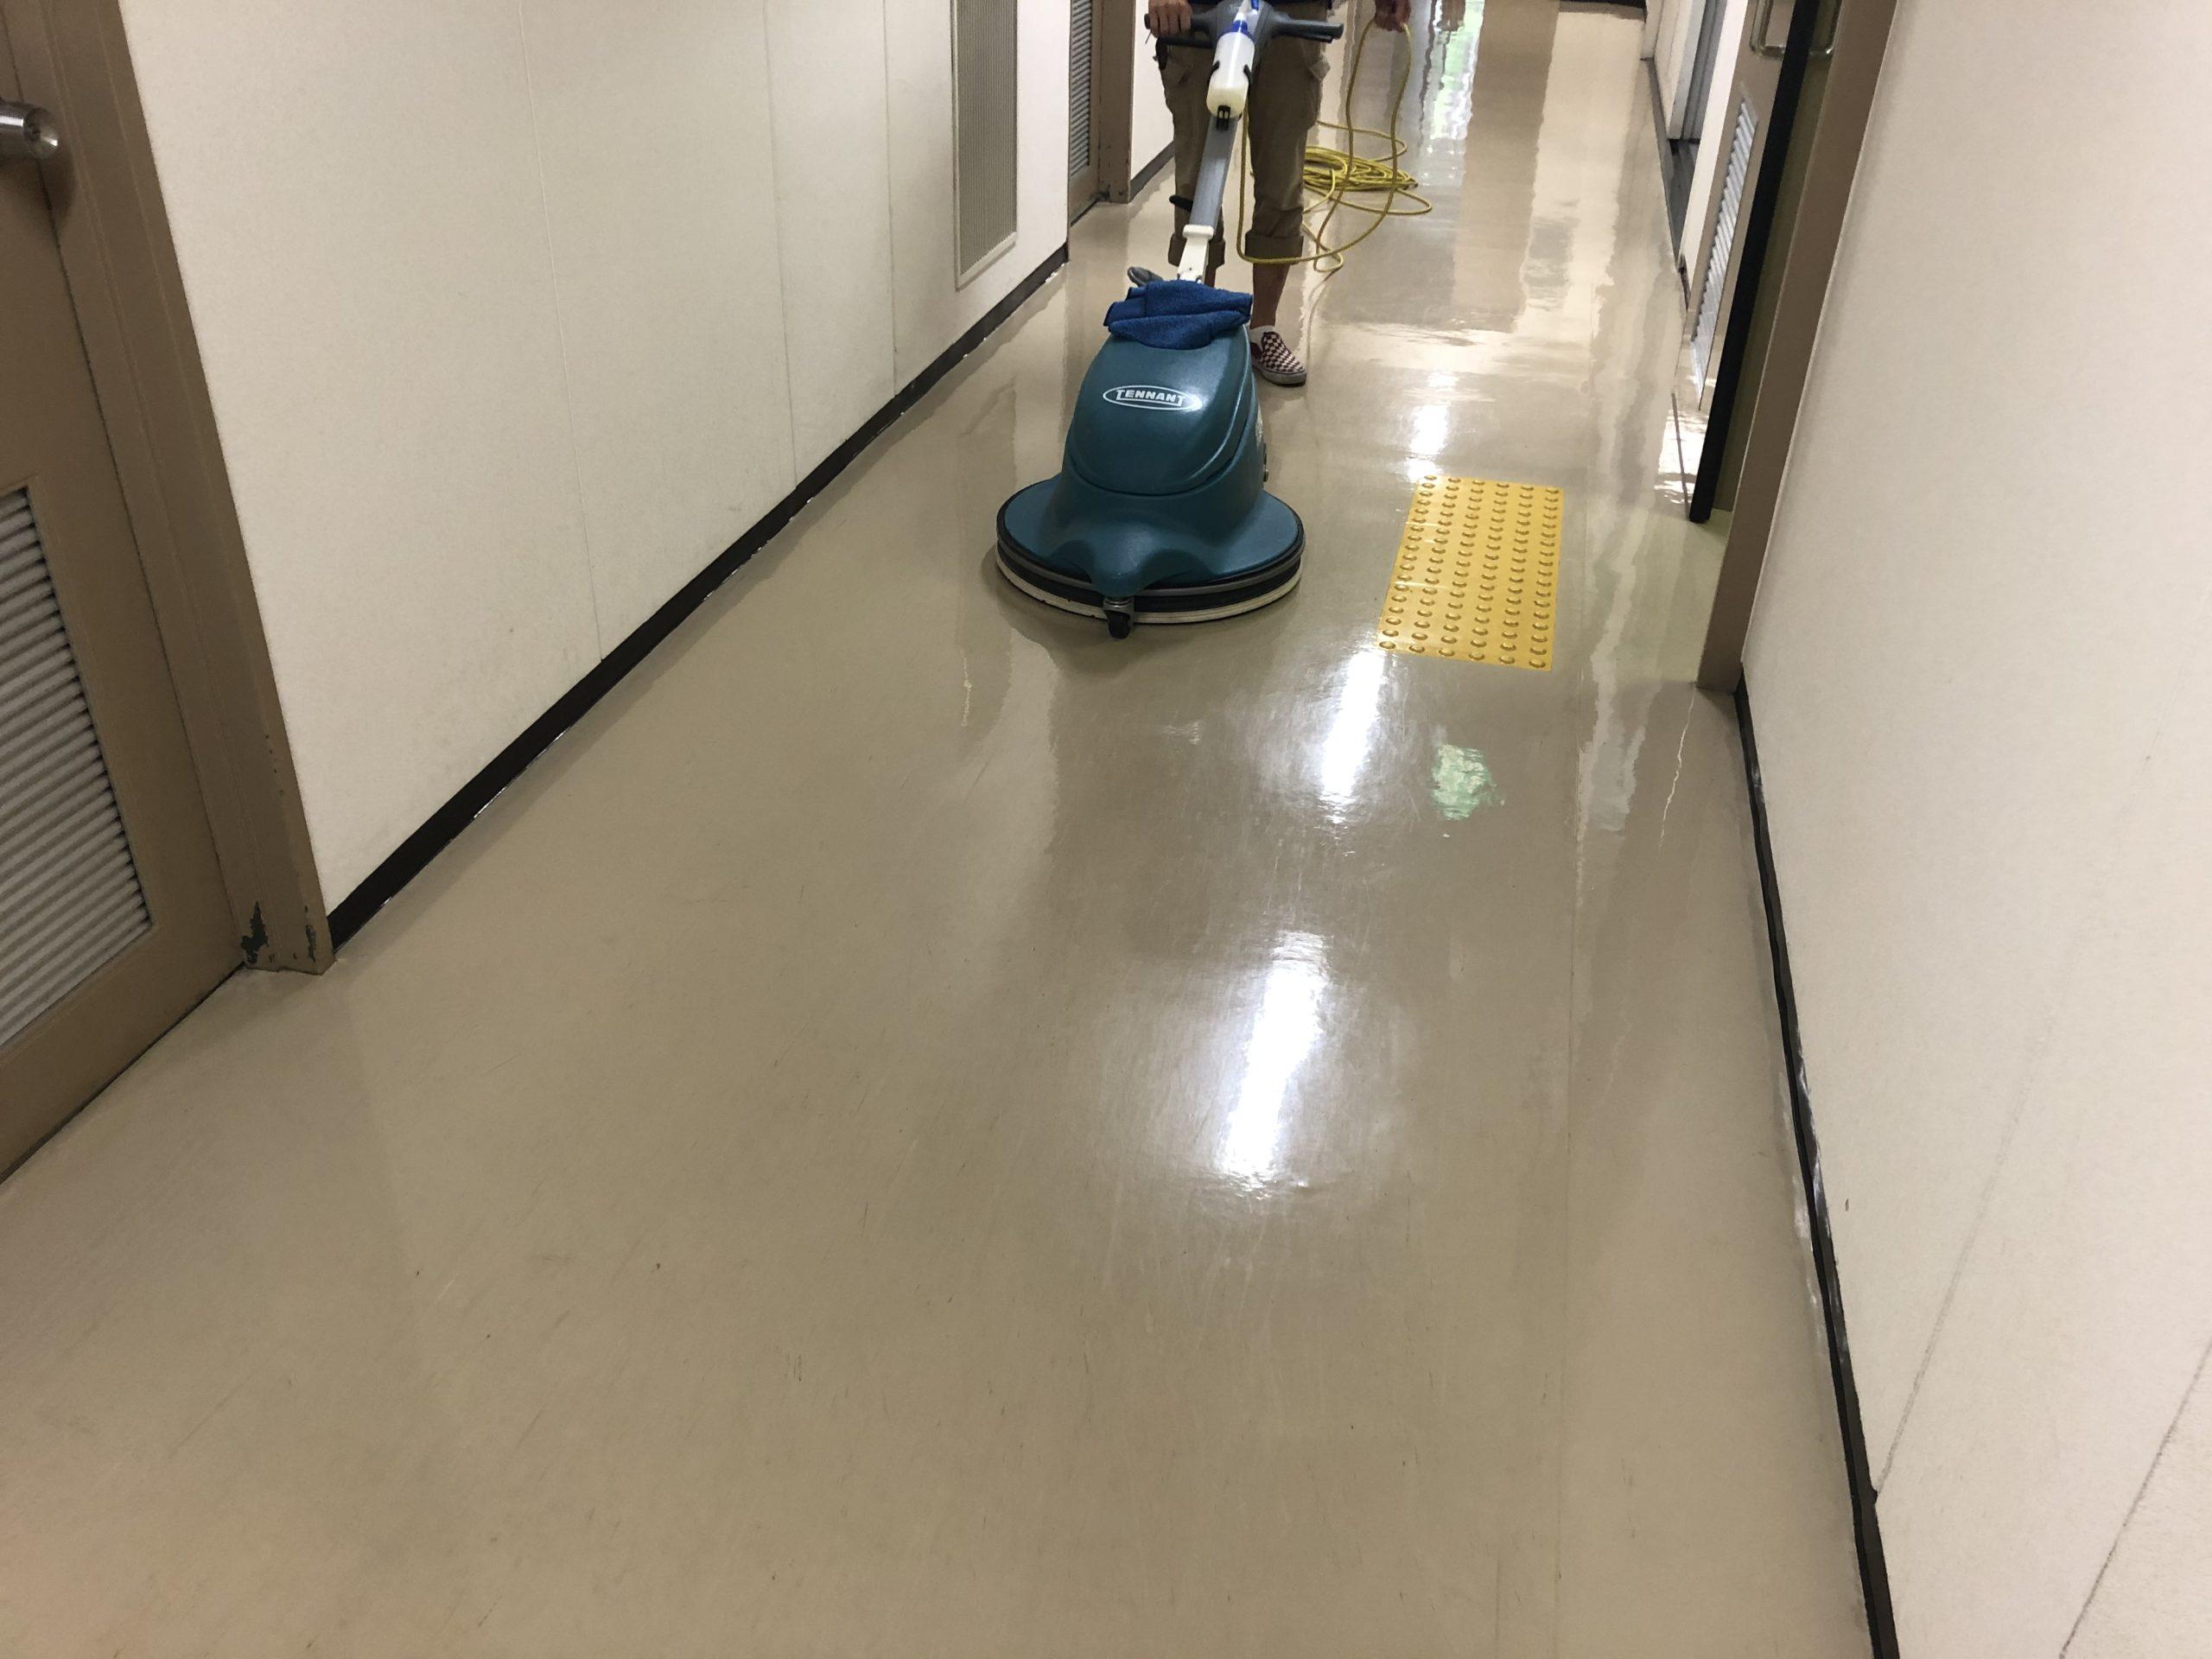 オフィス清掃や事務所清掃、店舗清掃の価格見直し